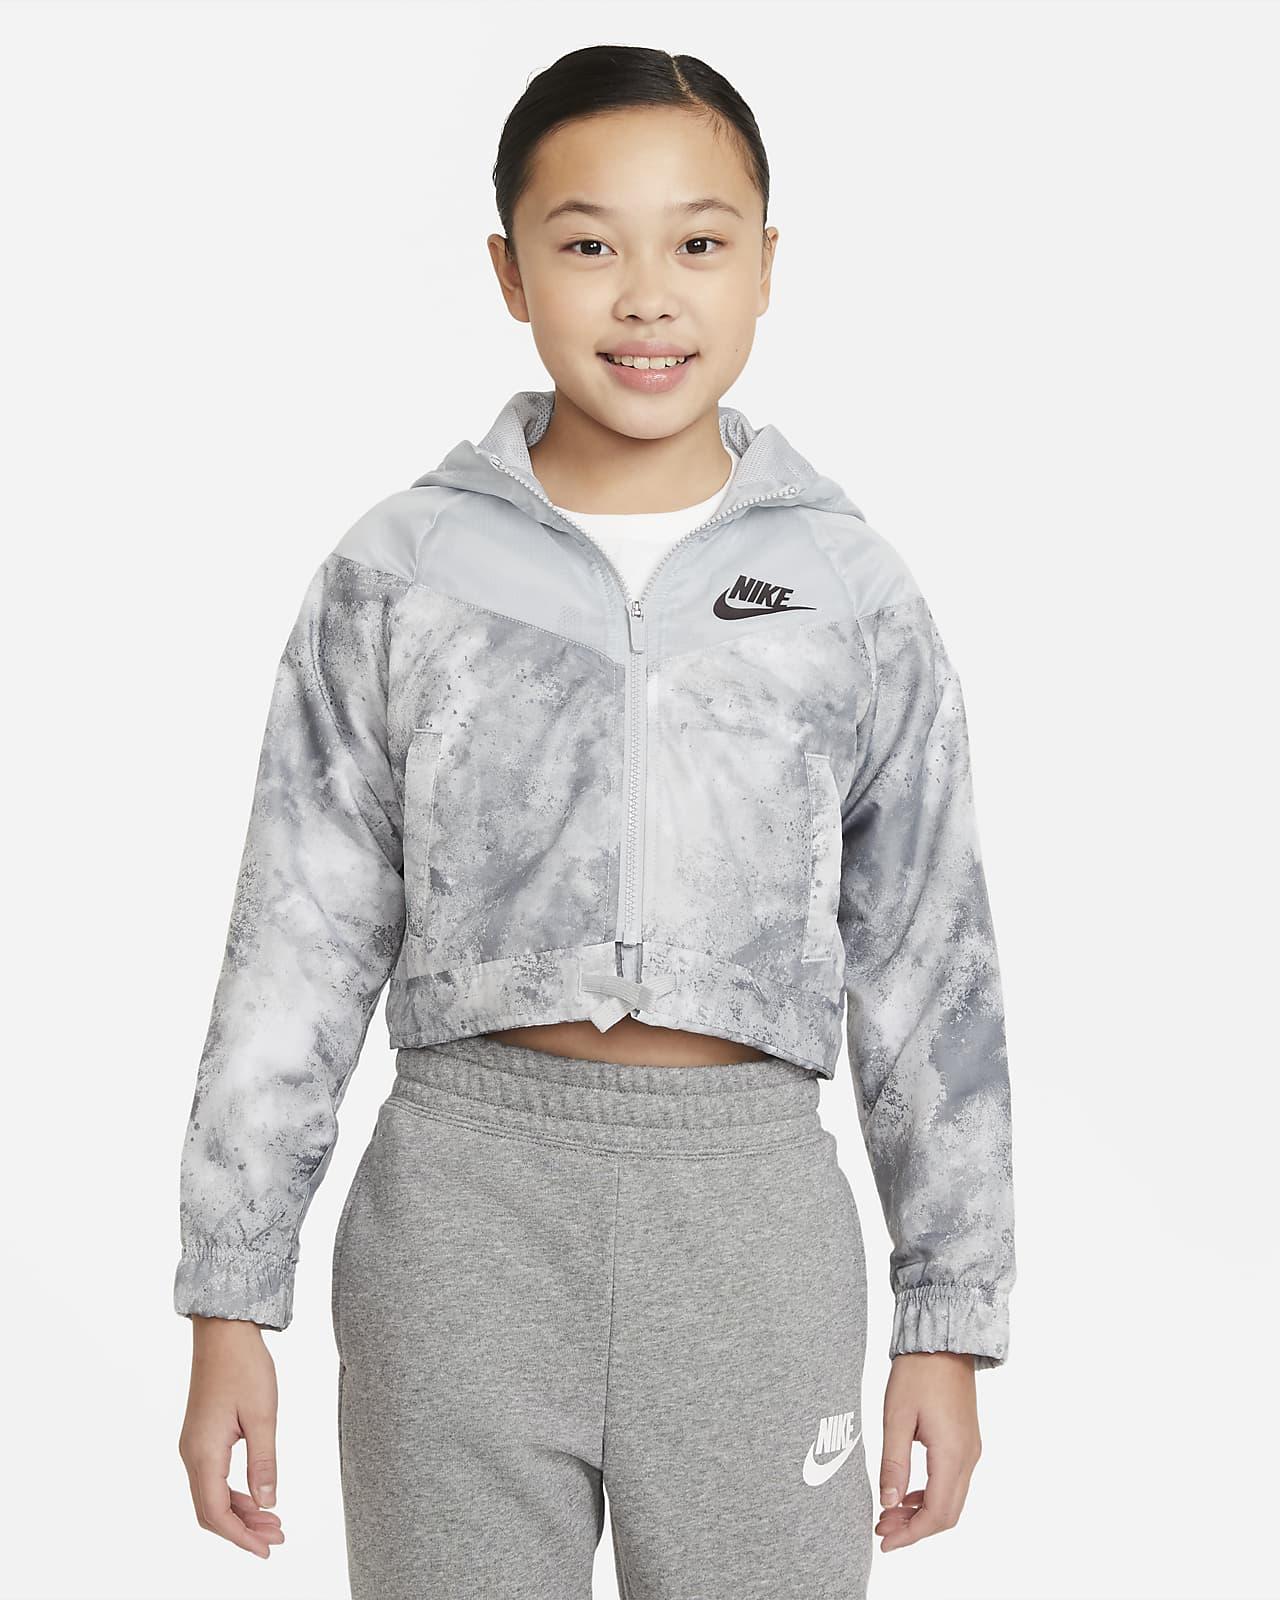 Nike Sportswear Windrunner Batik Boyalı Baskılı Genç Çocuk (Kız) Ceketi